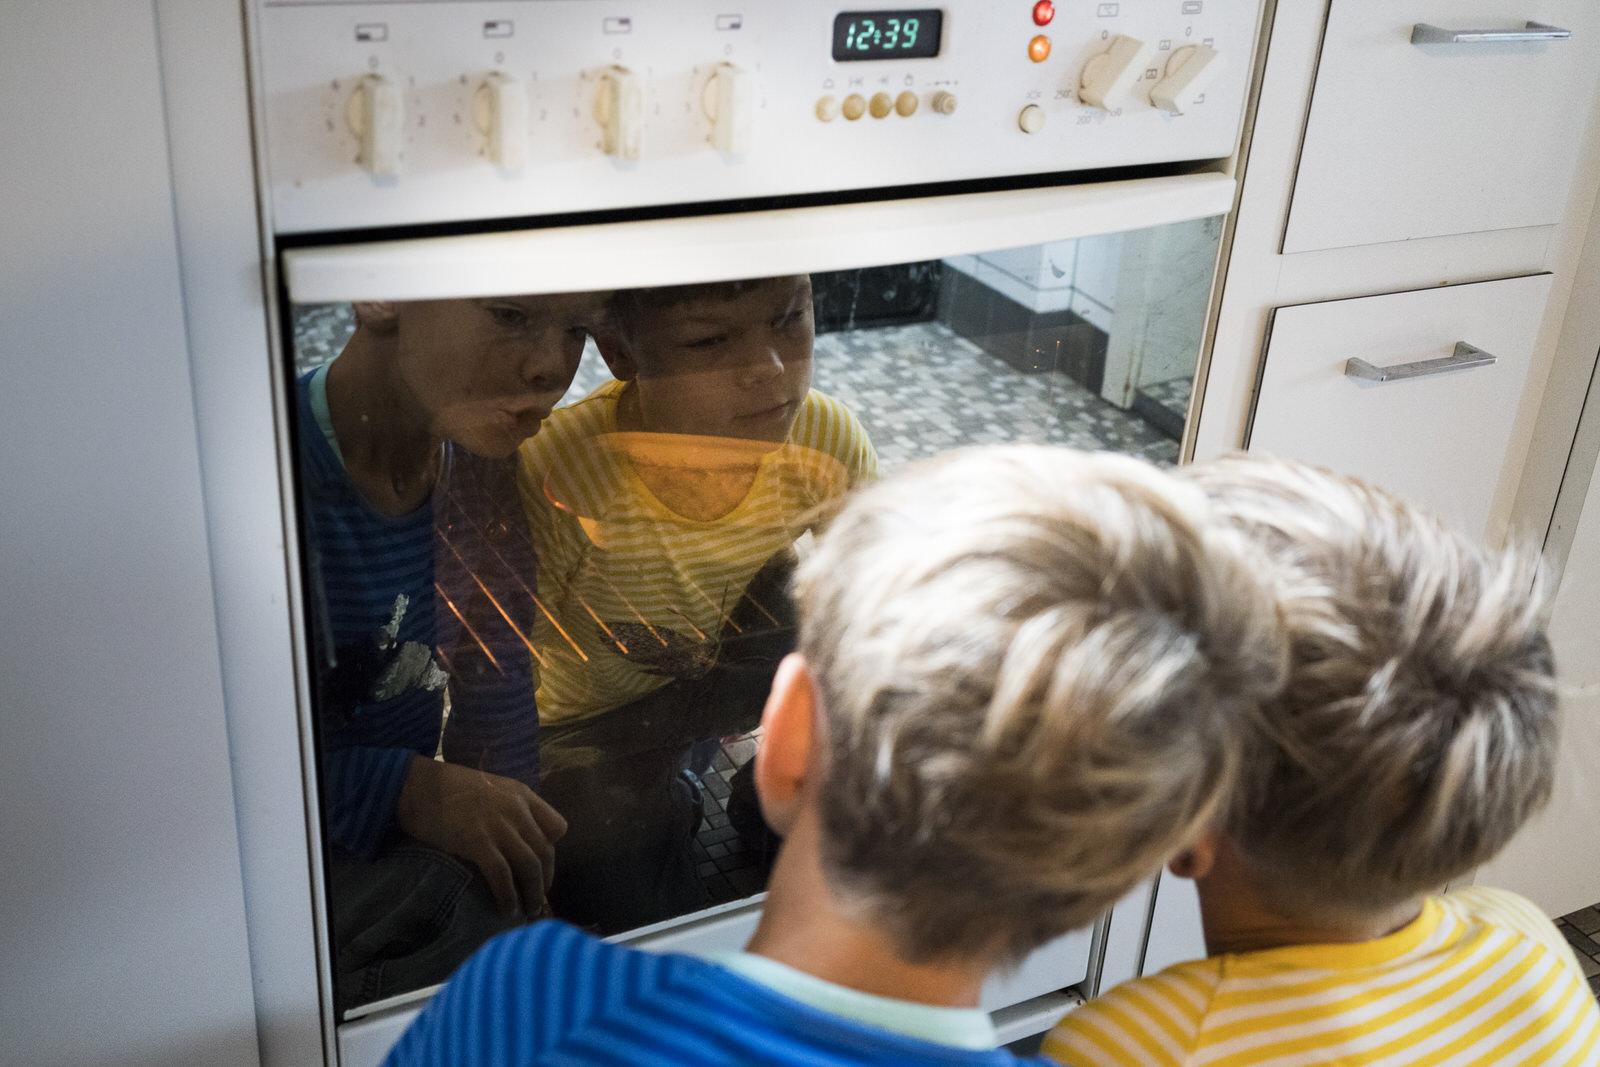 Jungen vor Herd in Küche | Familienfotografin unterwegs - Familienfotos drinnen und draussen